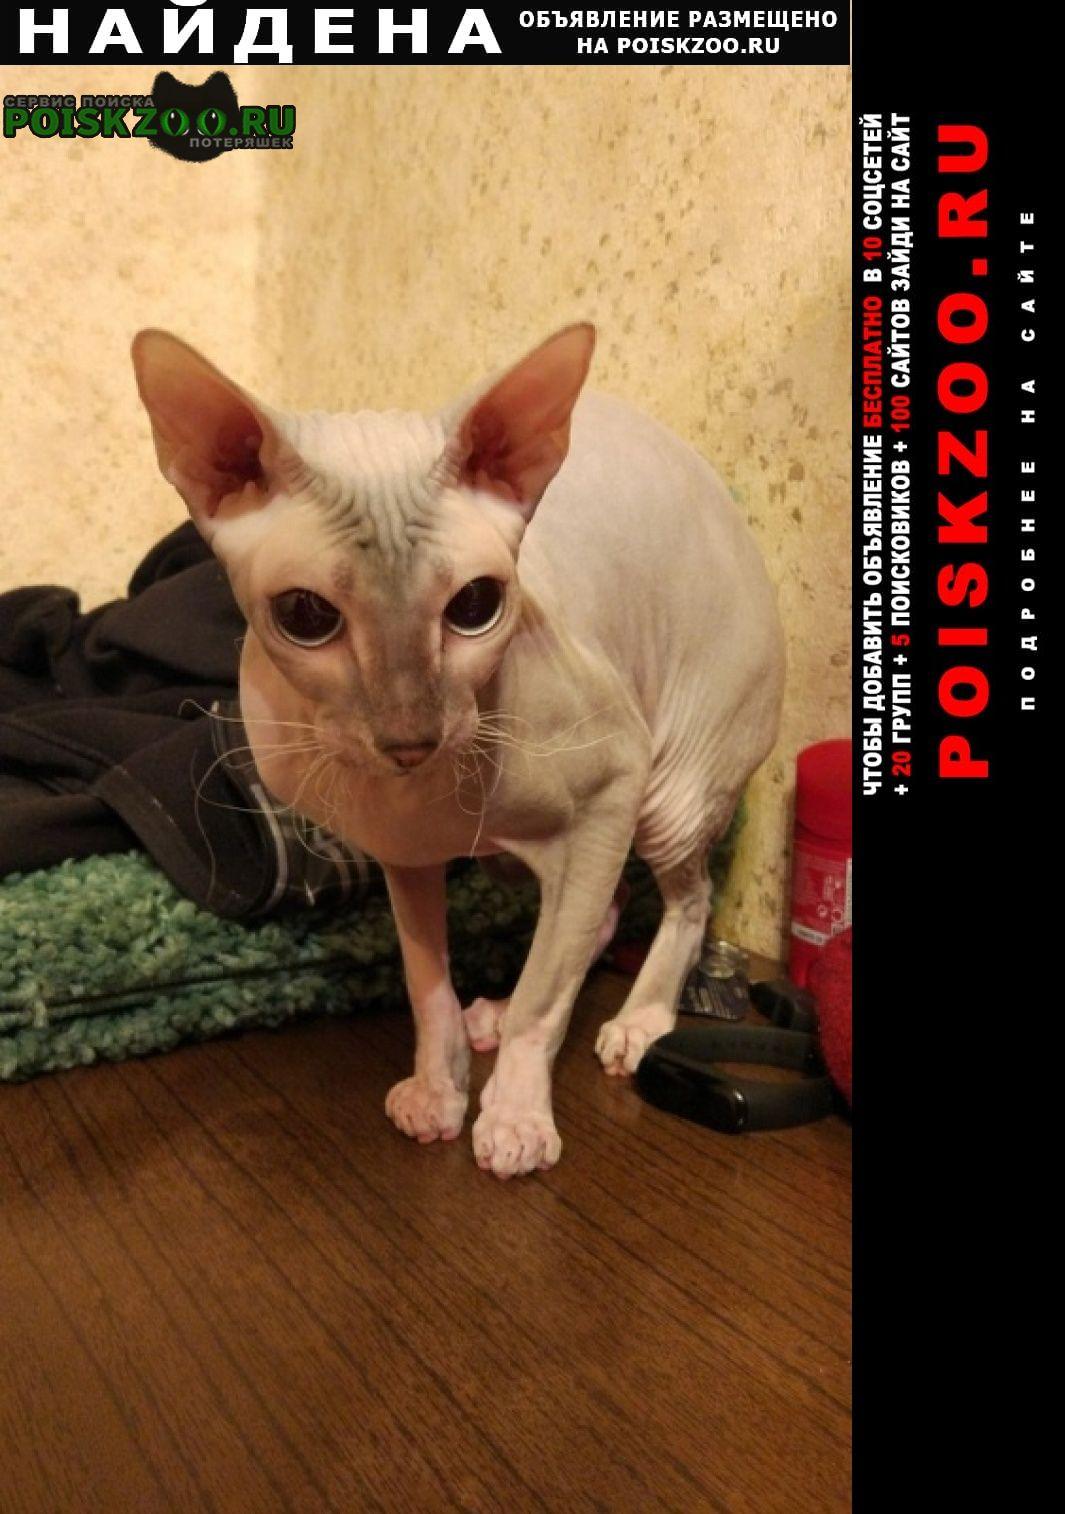 Найдена кошка сфинкс Ломоносов